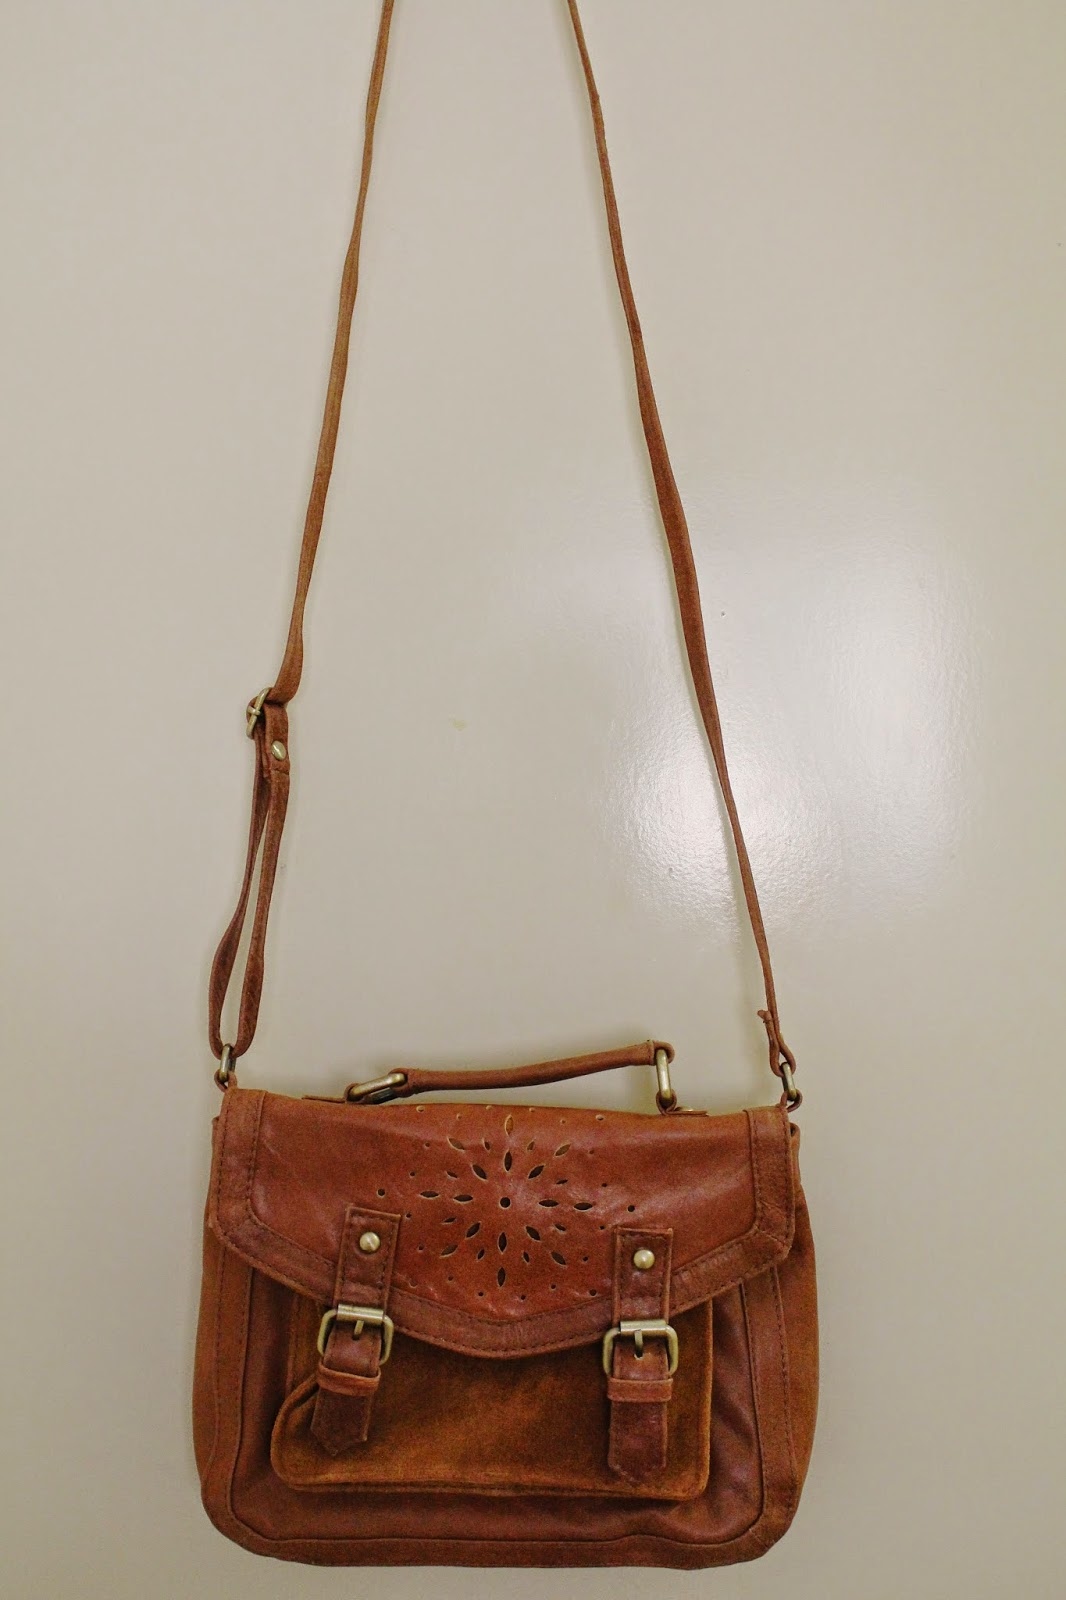 autumn fashion haul, fall fashion haul, brown satchel bag